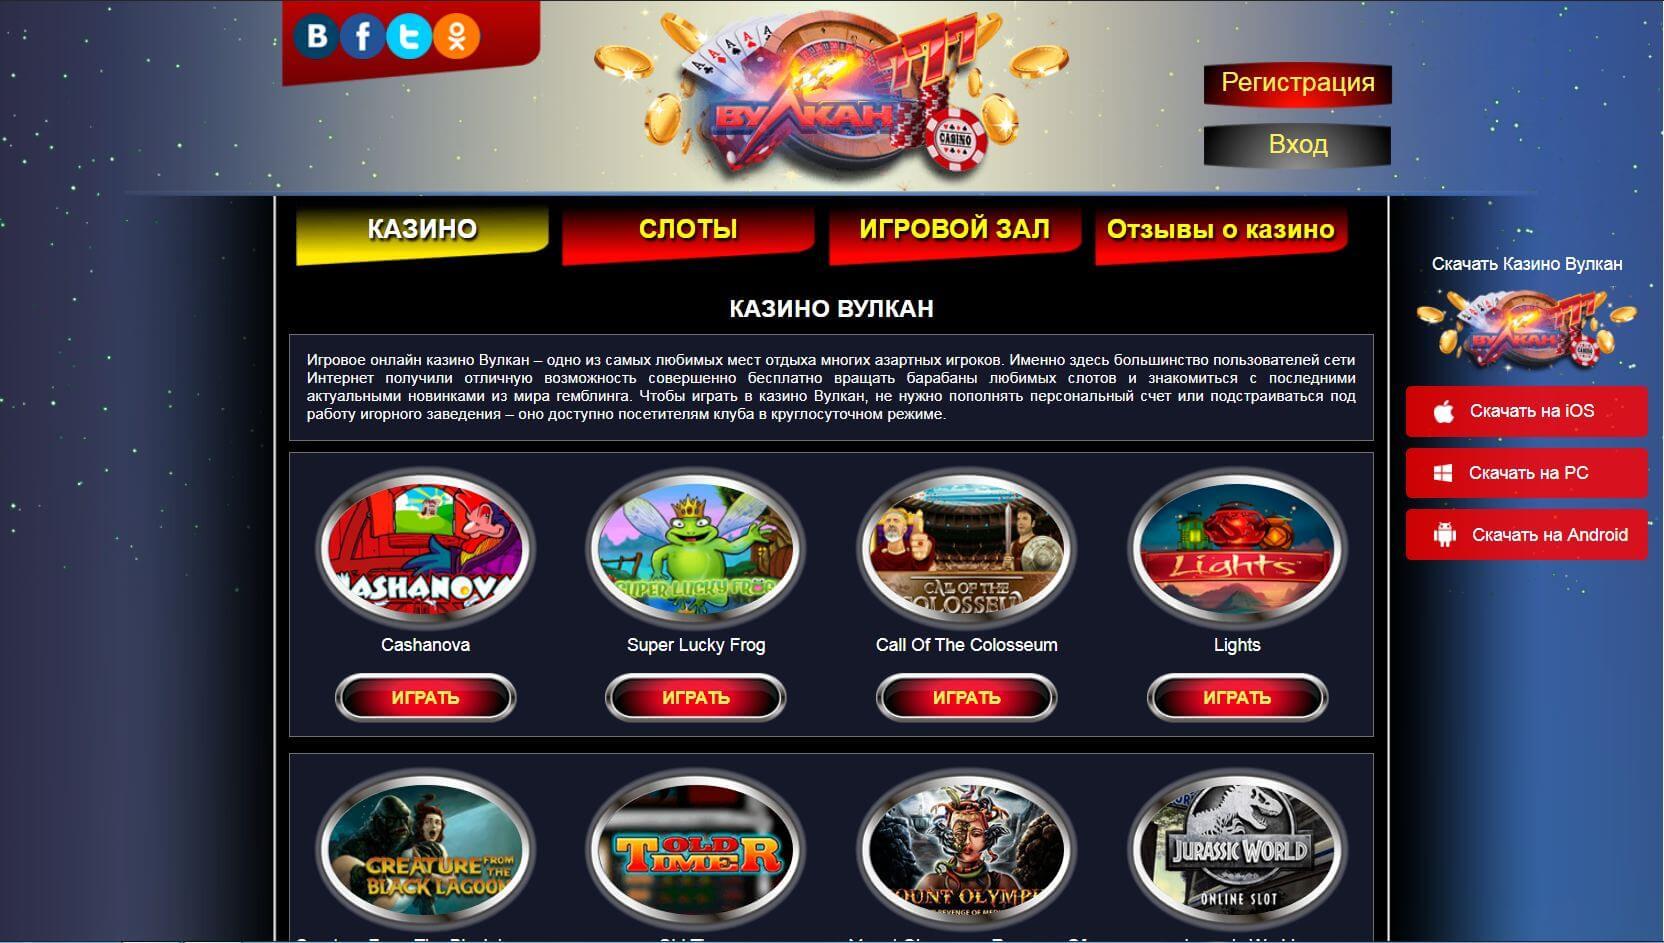 Арвис игровые автоматы домостроительная уг.ул.саина игровые автоматы